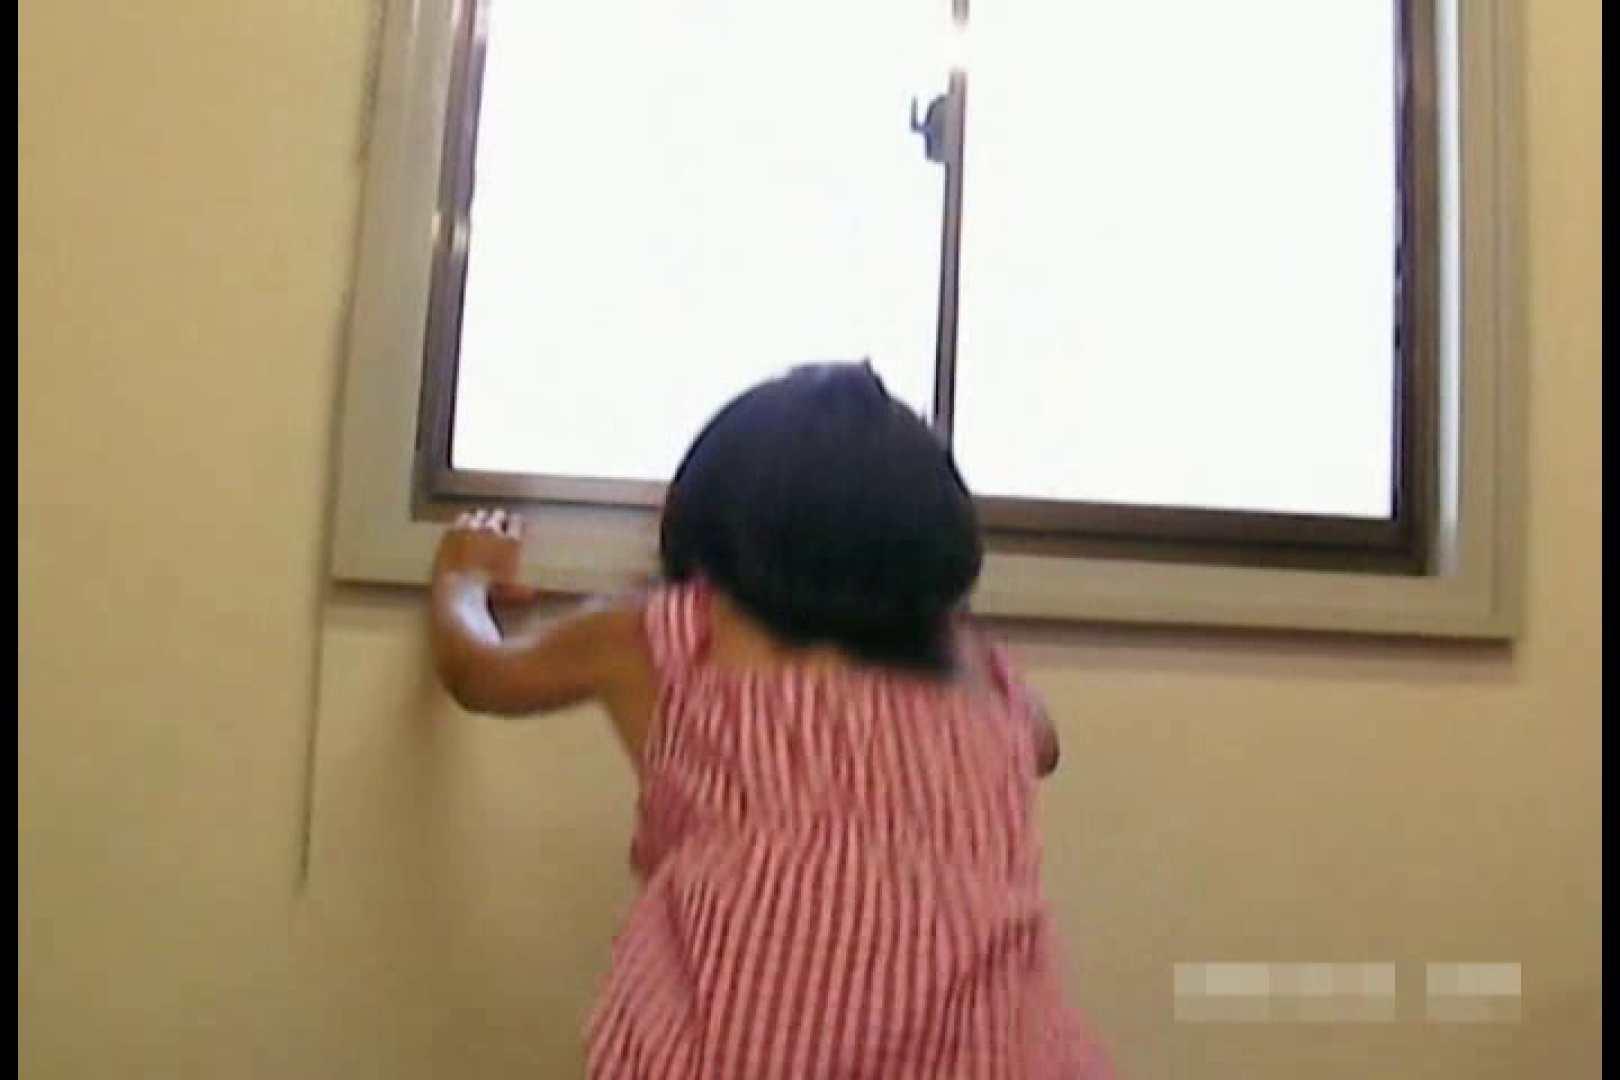 素人撮影 下着だけの撮影のはずが・・・エミちゃん18歳 素人 | おっぱい  55pic 40